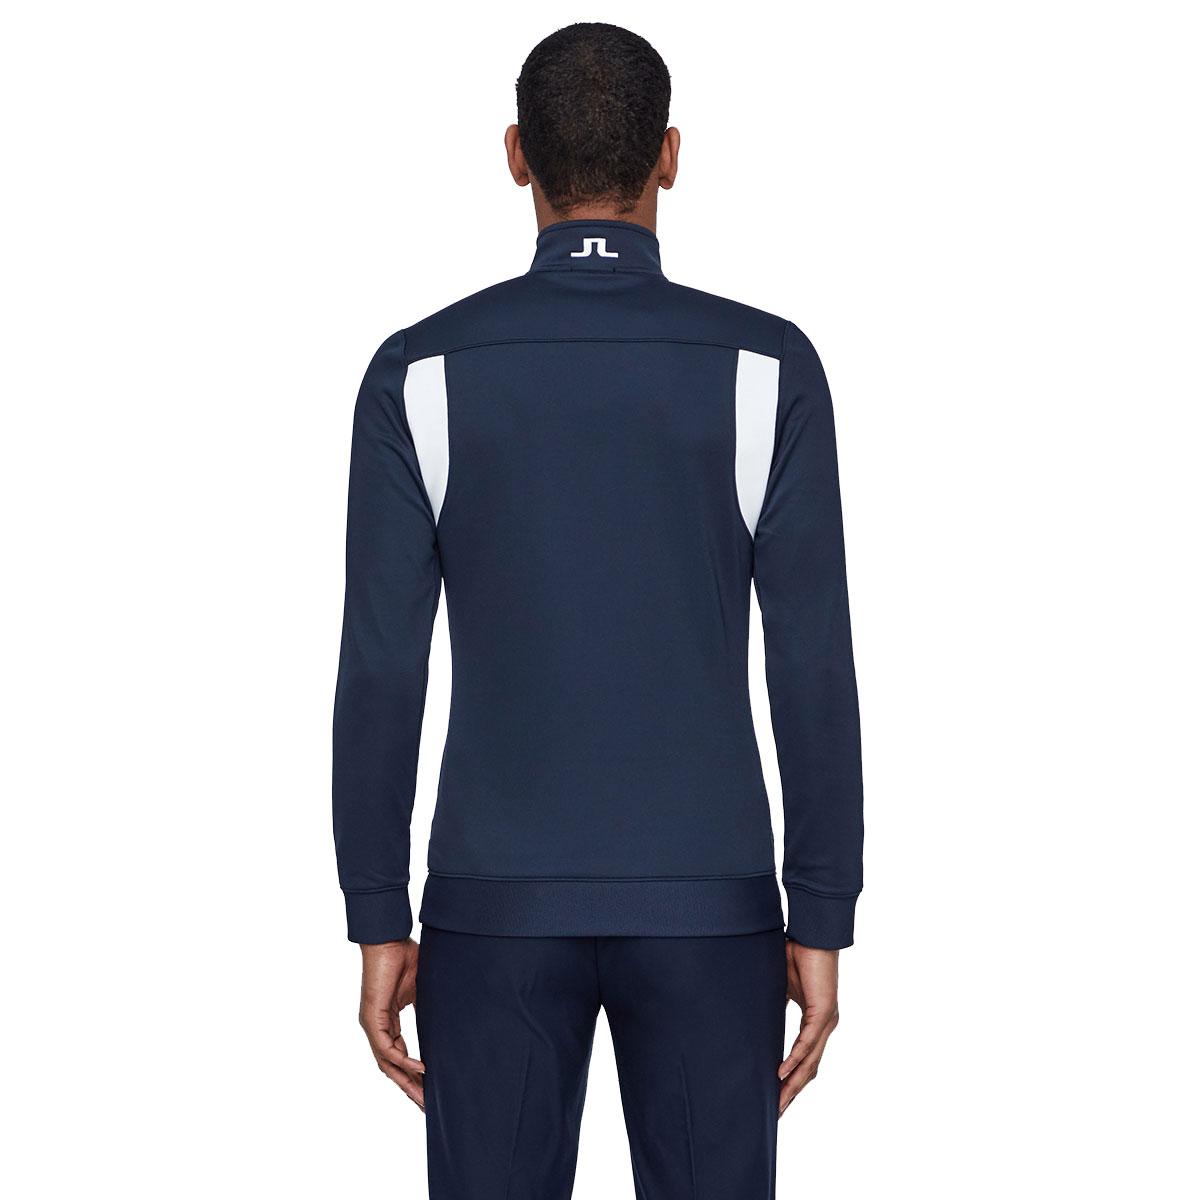 j lindeberg jacket size guide